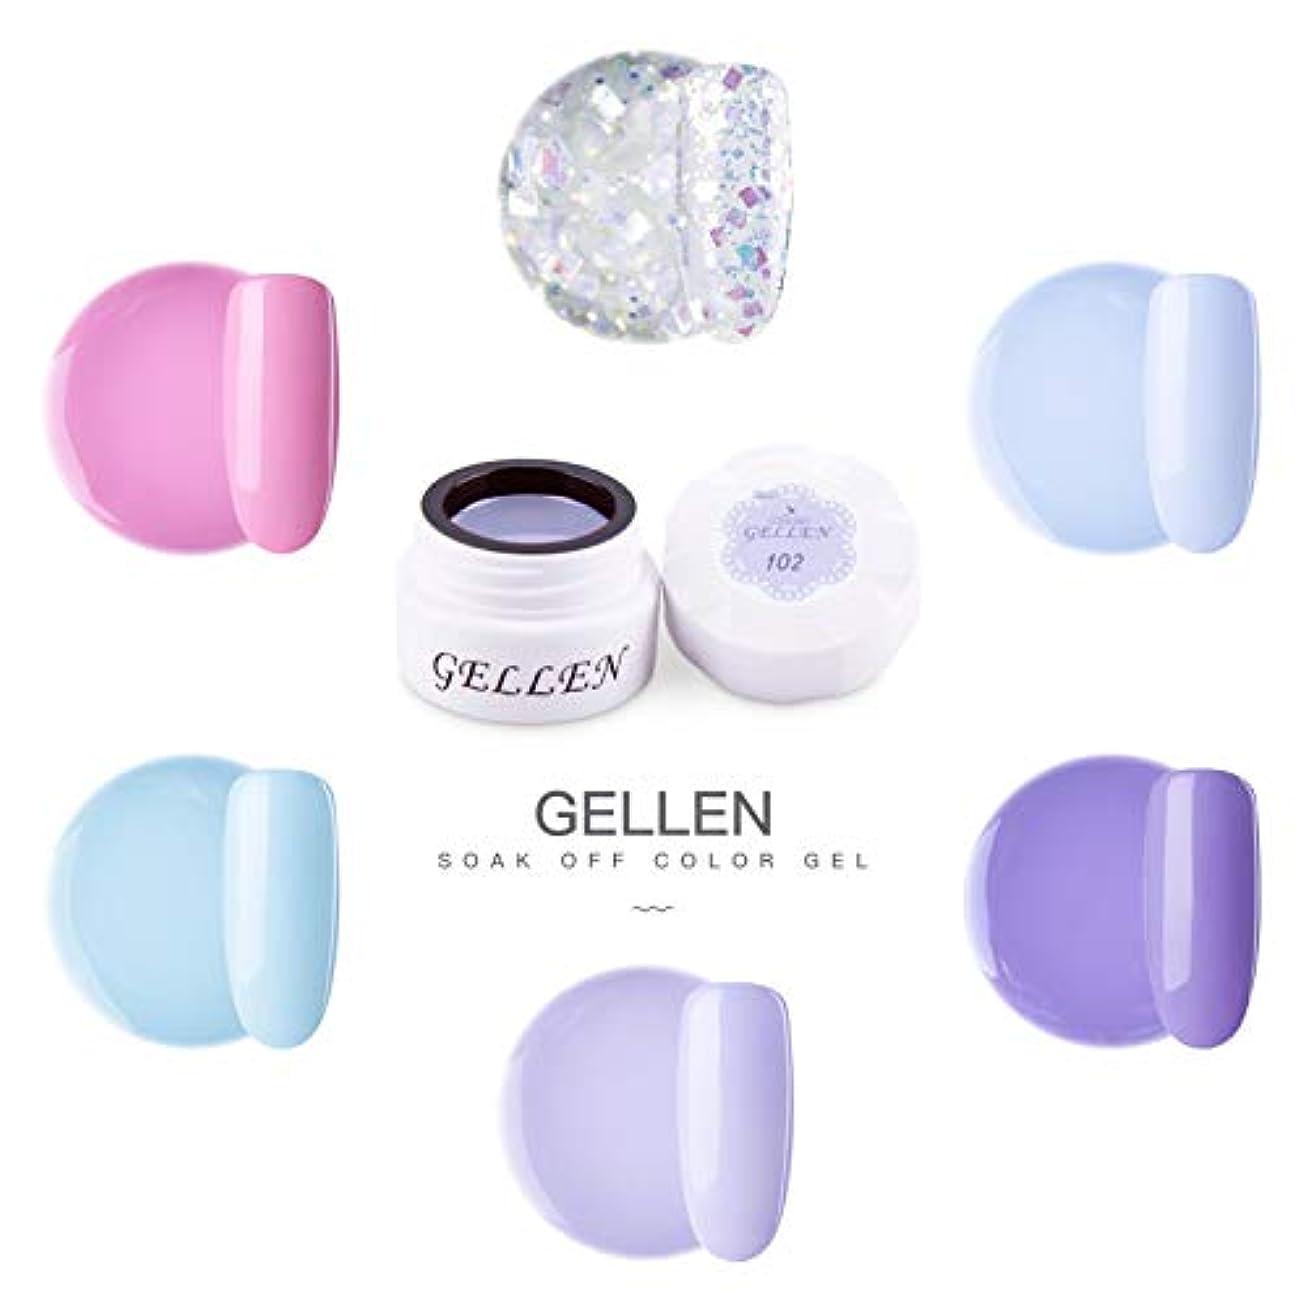 うんざり立ち寄る前提条件Gellen カラージェル 6色 セット[ライトパープル系]高品質 5g ジェルネイル カラー ネイルブラシ付き